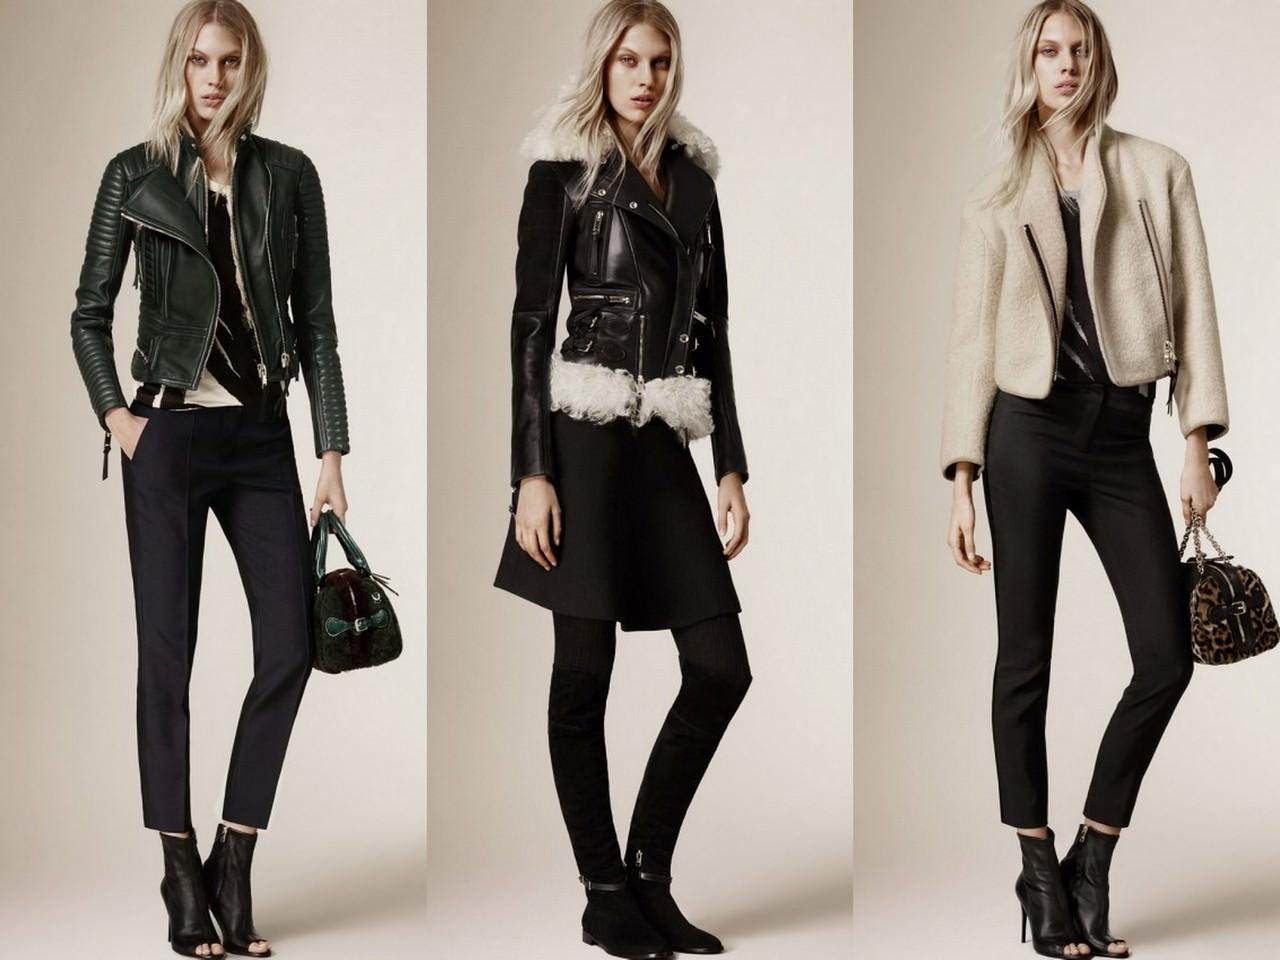 Модные женские куртки  100+ самых модных новинок и тенденций фото 019cbfd770d